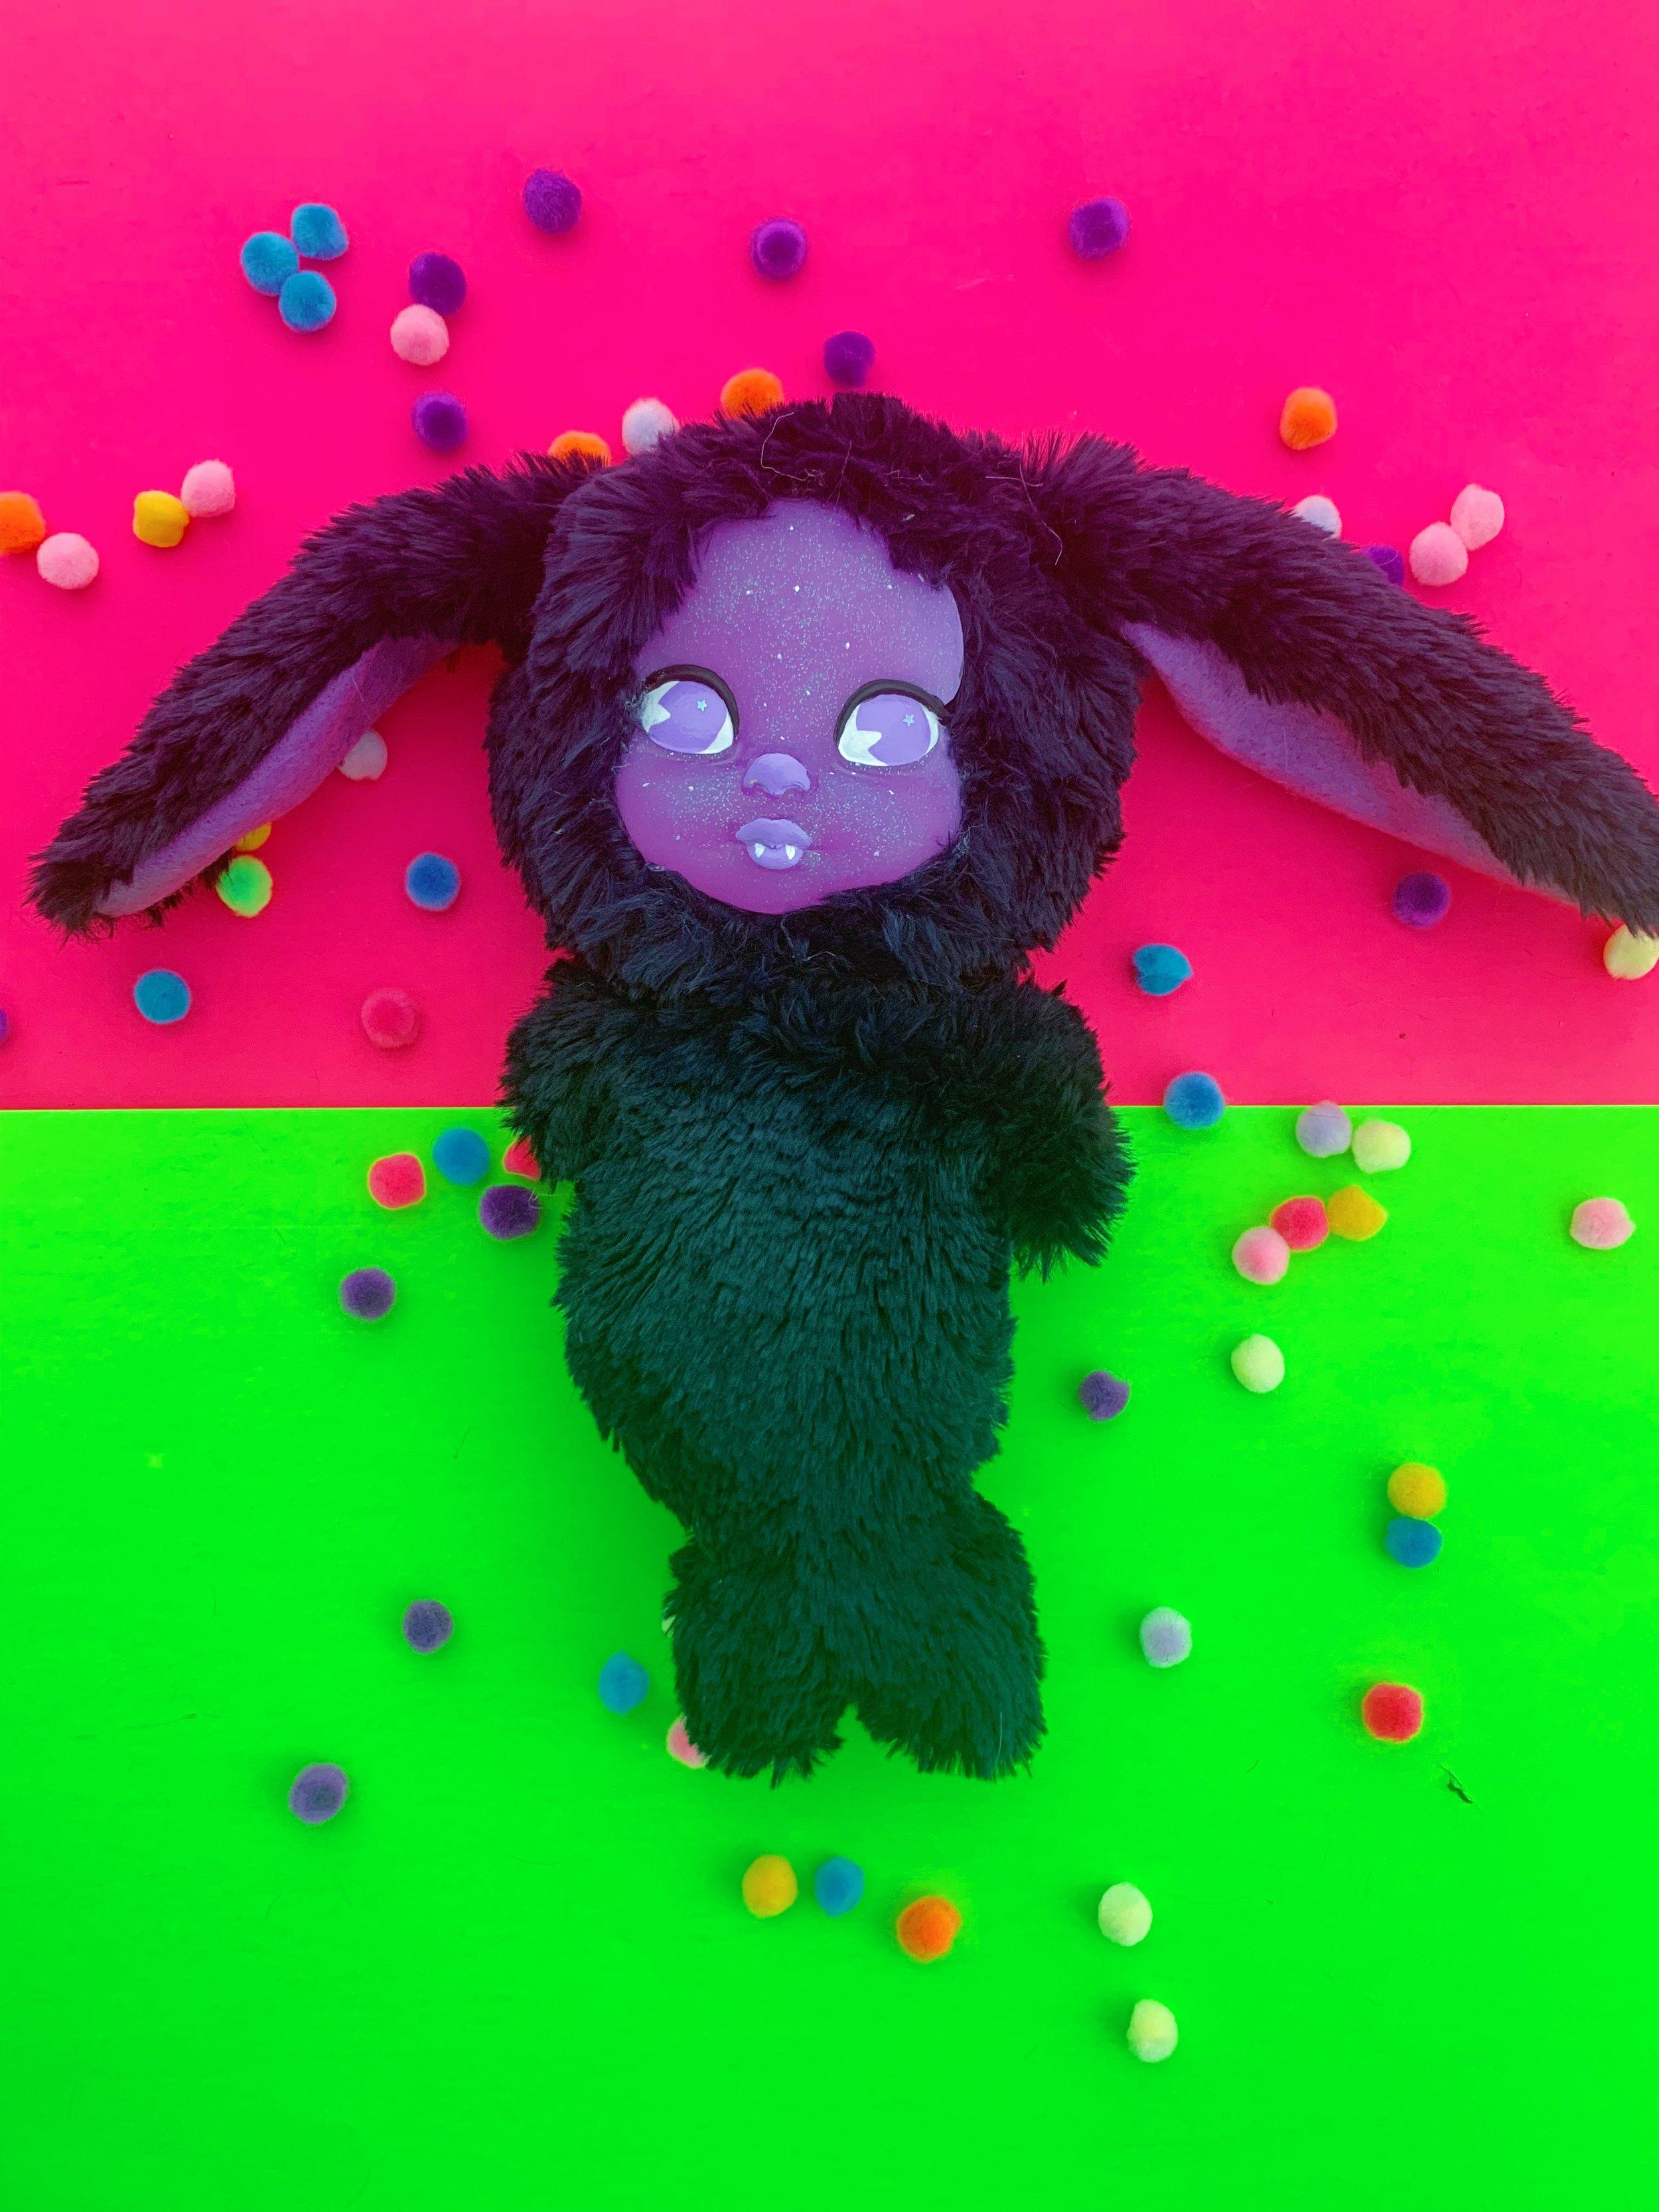 Uva the mer-bunny